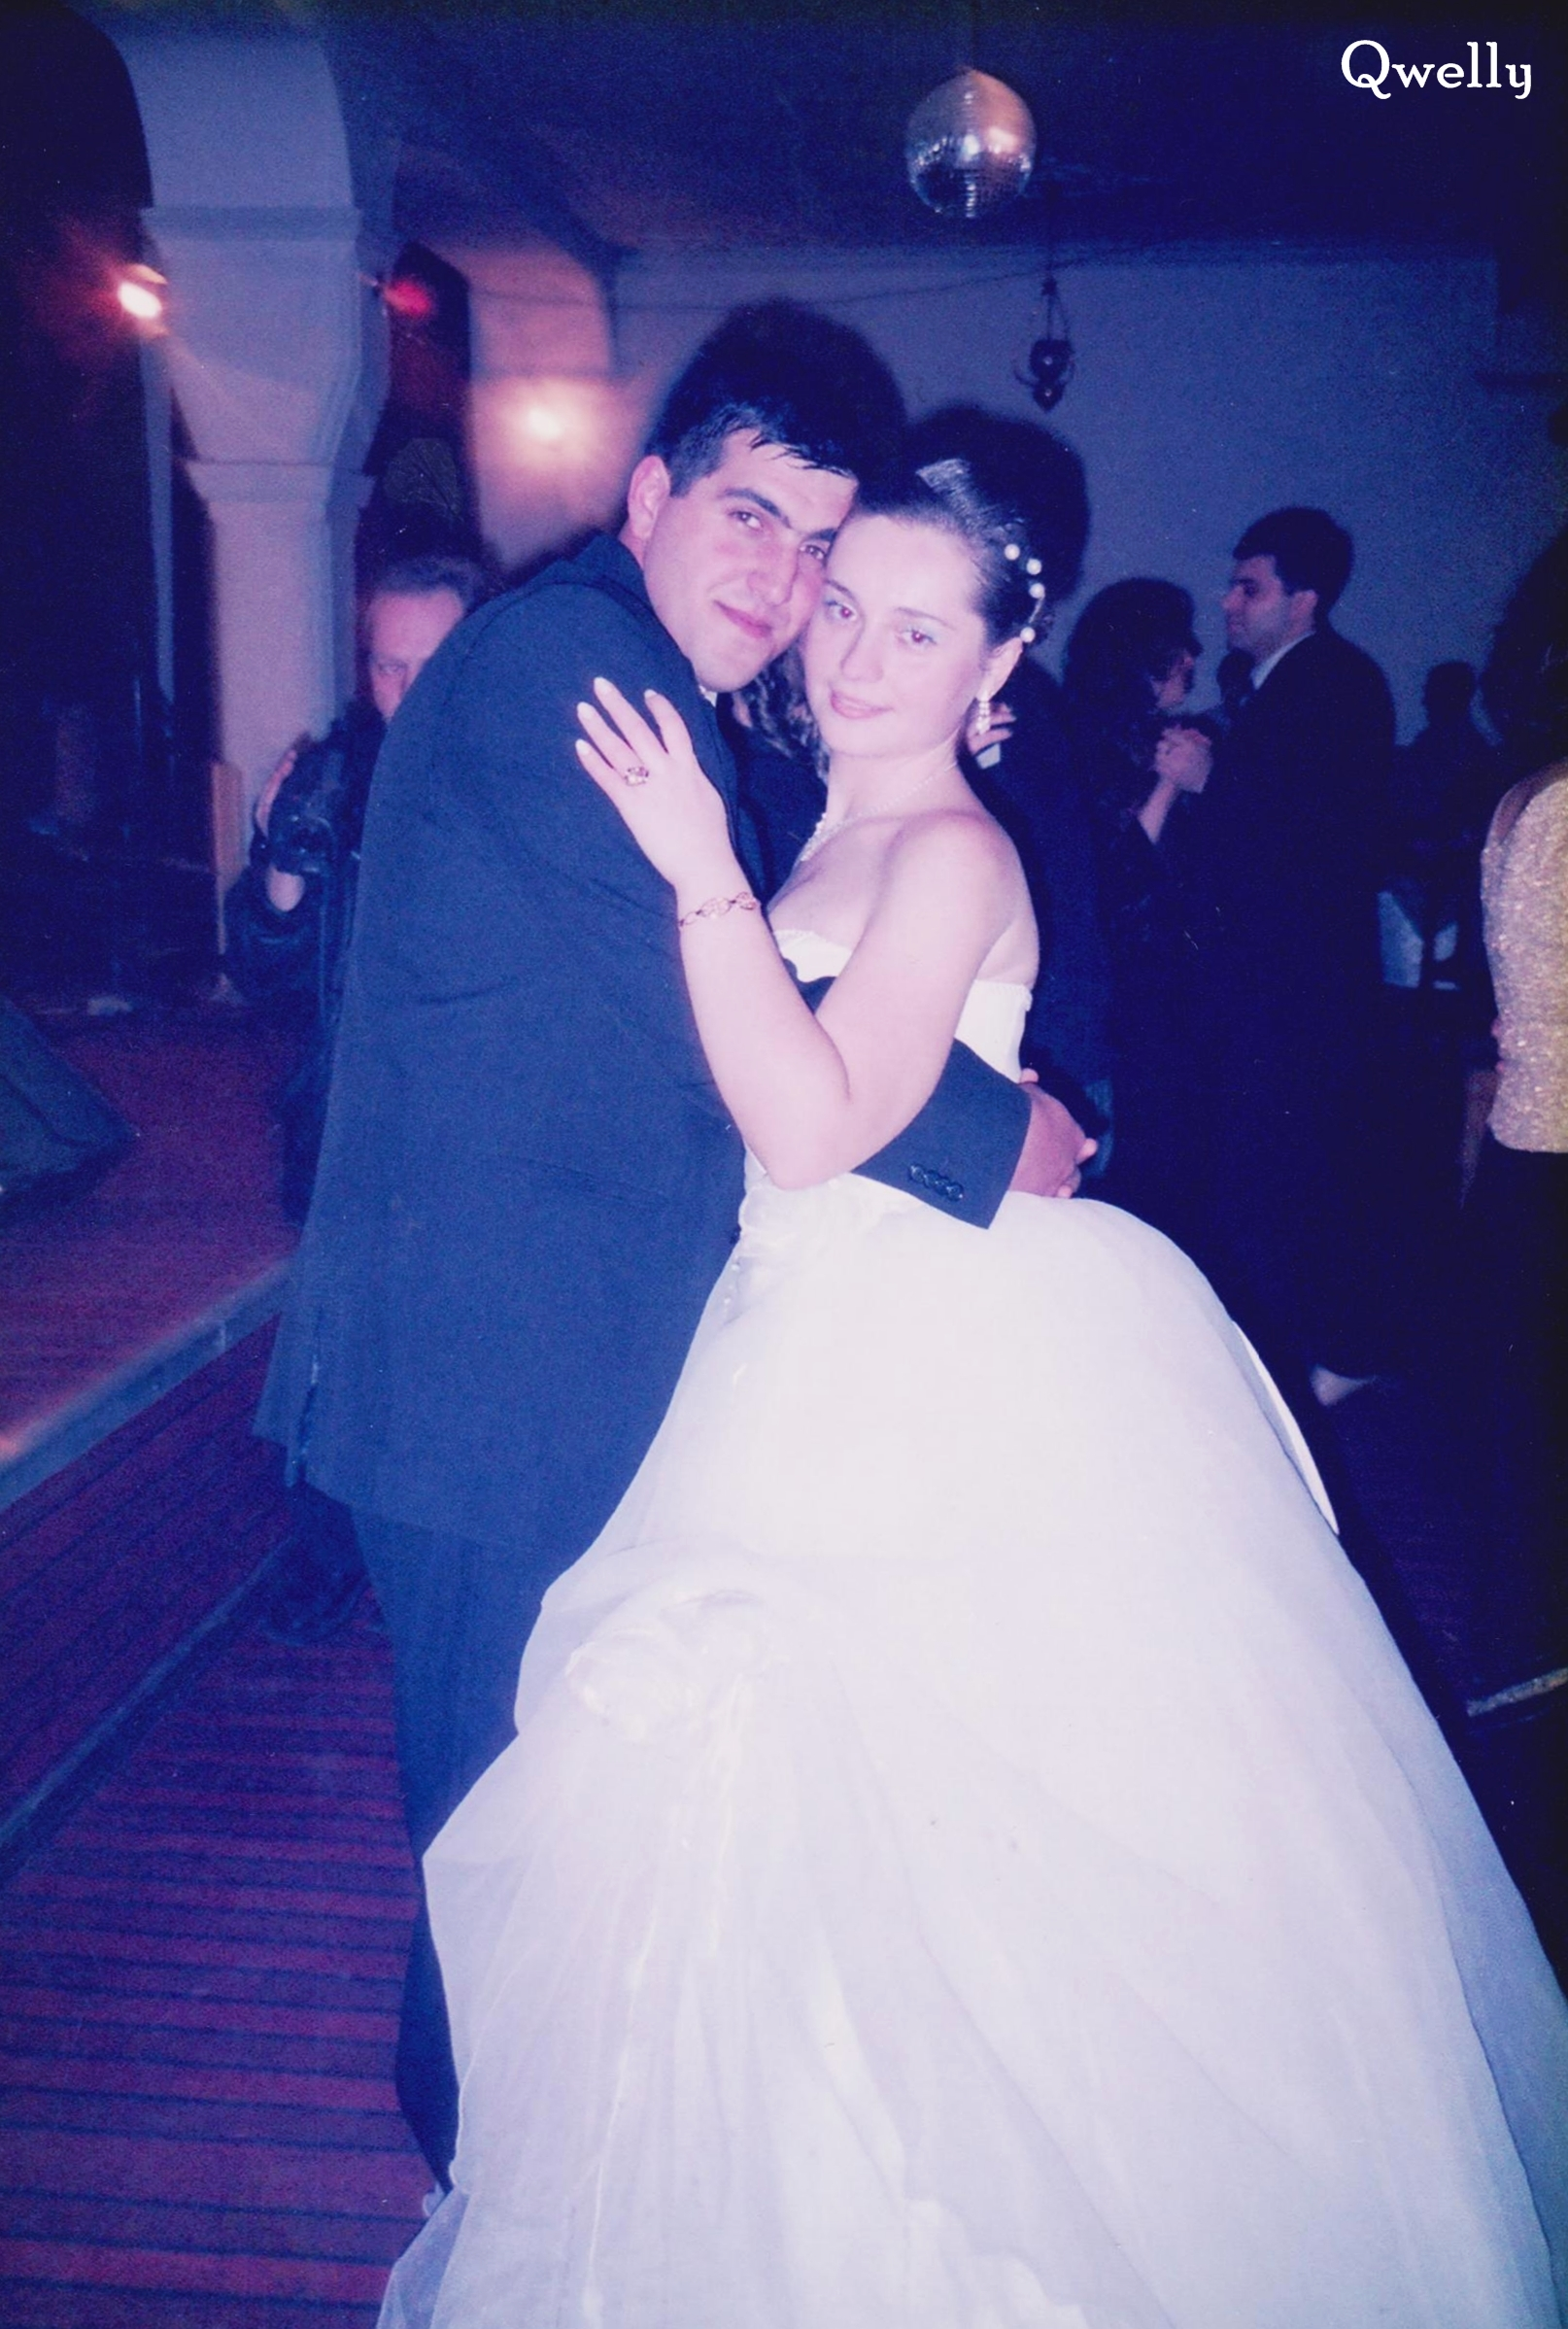 ბედნიერება, მეუღლეობა, ცოლ-ქმრობა, ათწლეული, დაოჯახება, ქორწილი, wedding, qwelly, blog